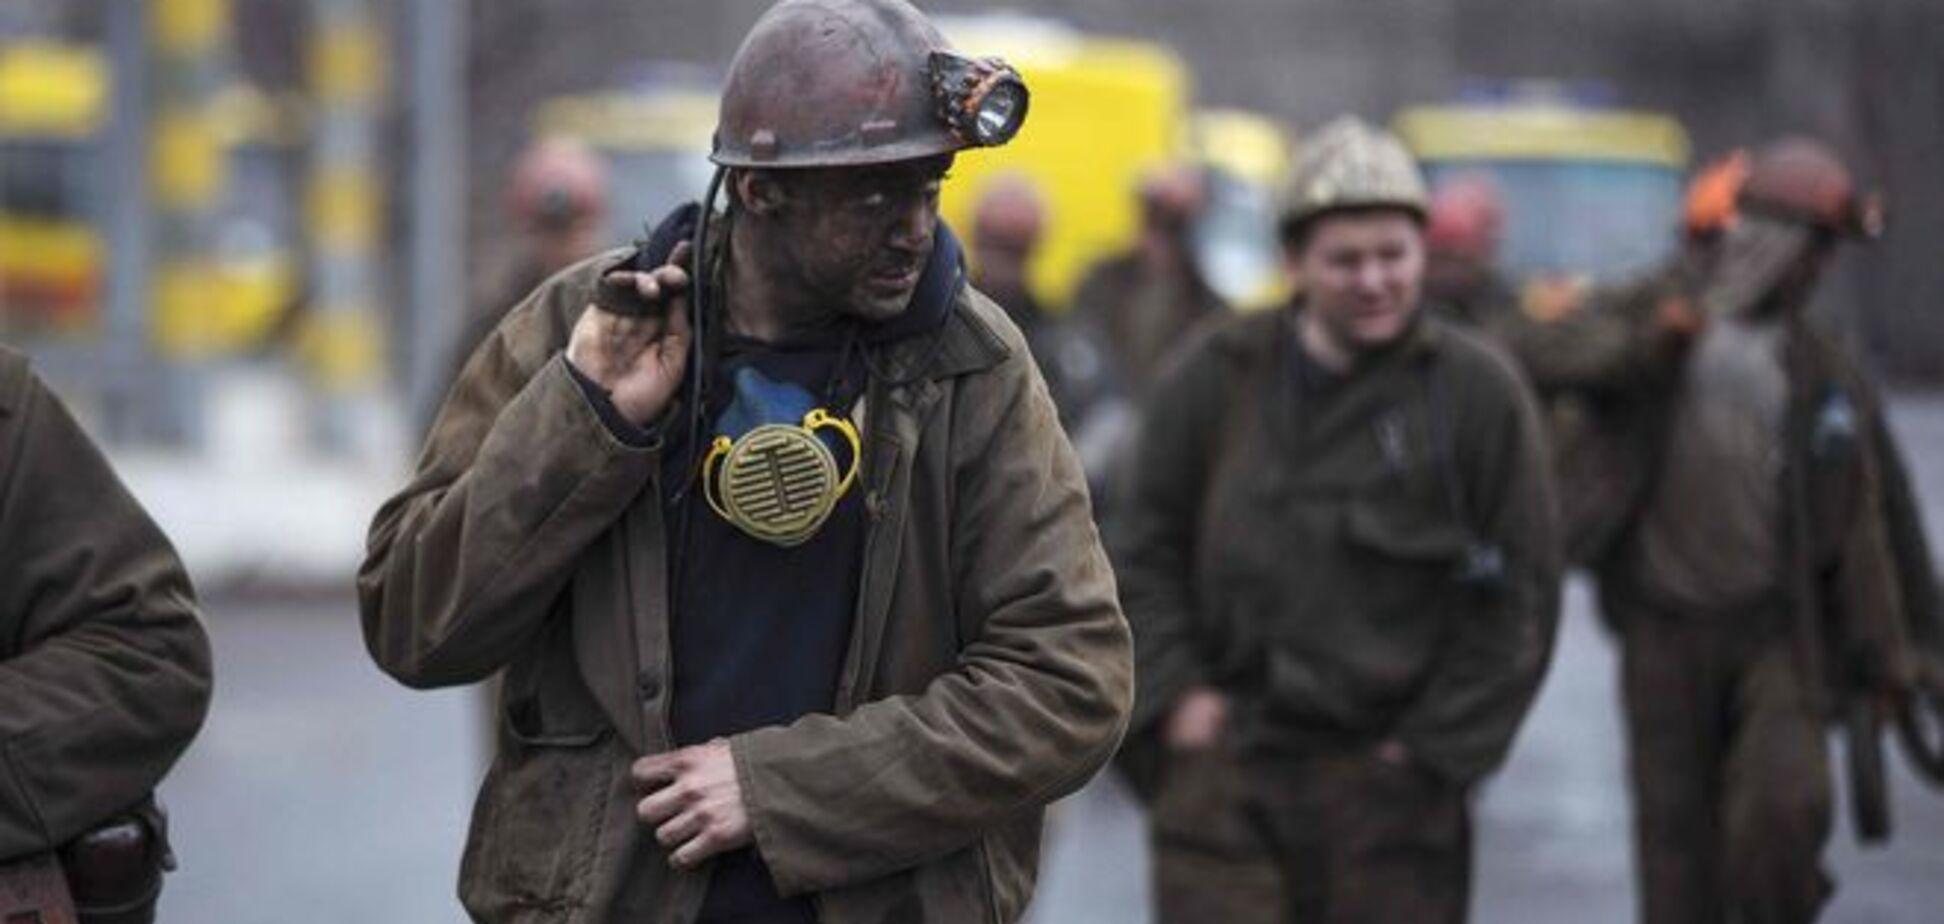 Были да сплыли. В 'ДНР' заявили, что денег на зарплаты шахтерам нет